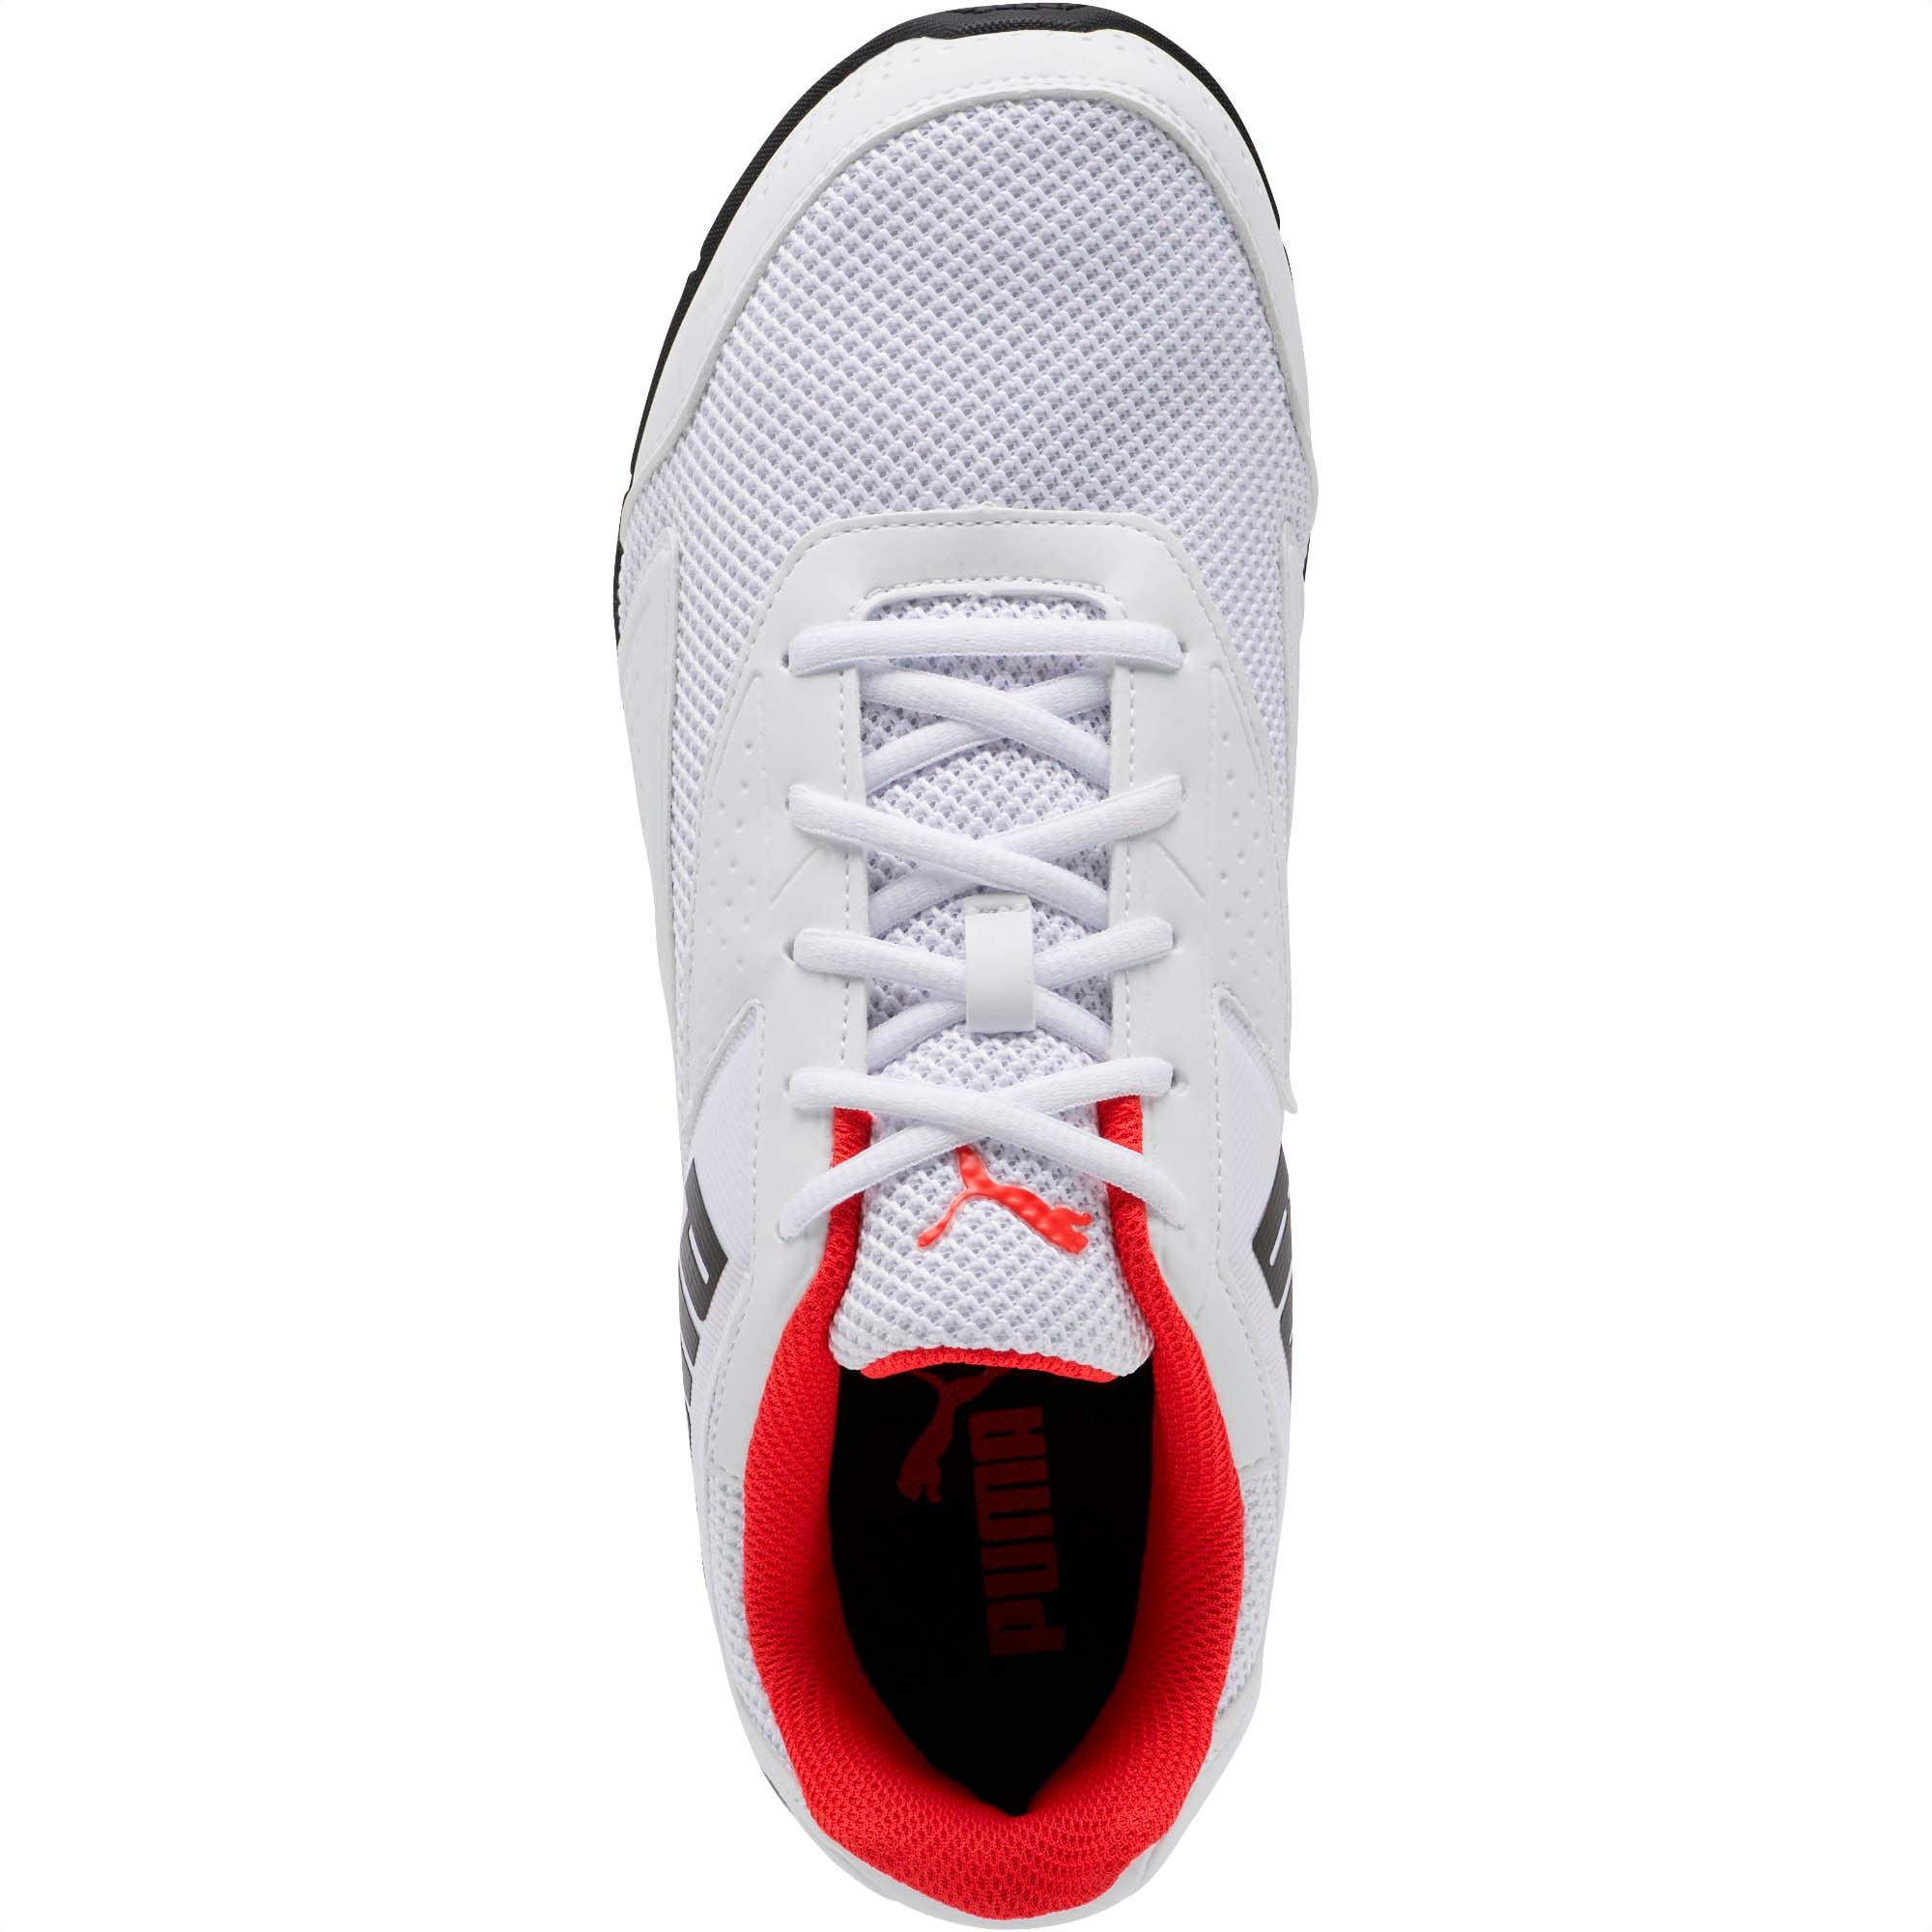 Herren Sneakers Puma Leader VT Fresh Herren Sneakers